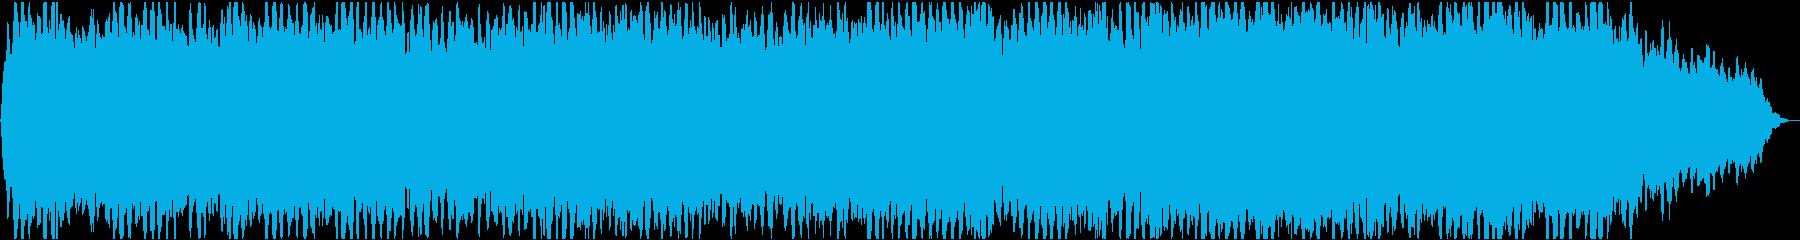 空間BGM3 リラクゼーション・施設の再生済みの波形